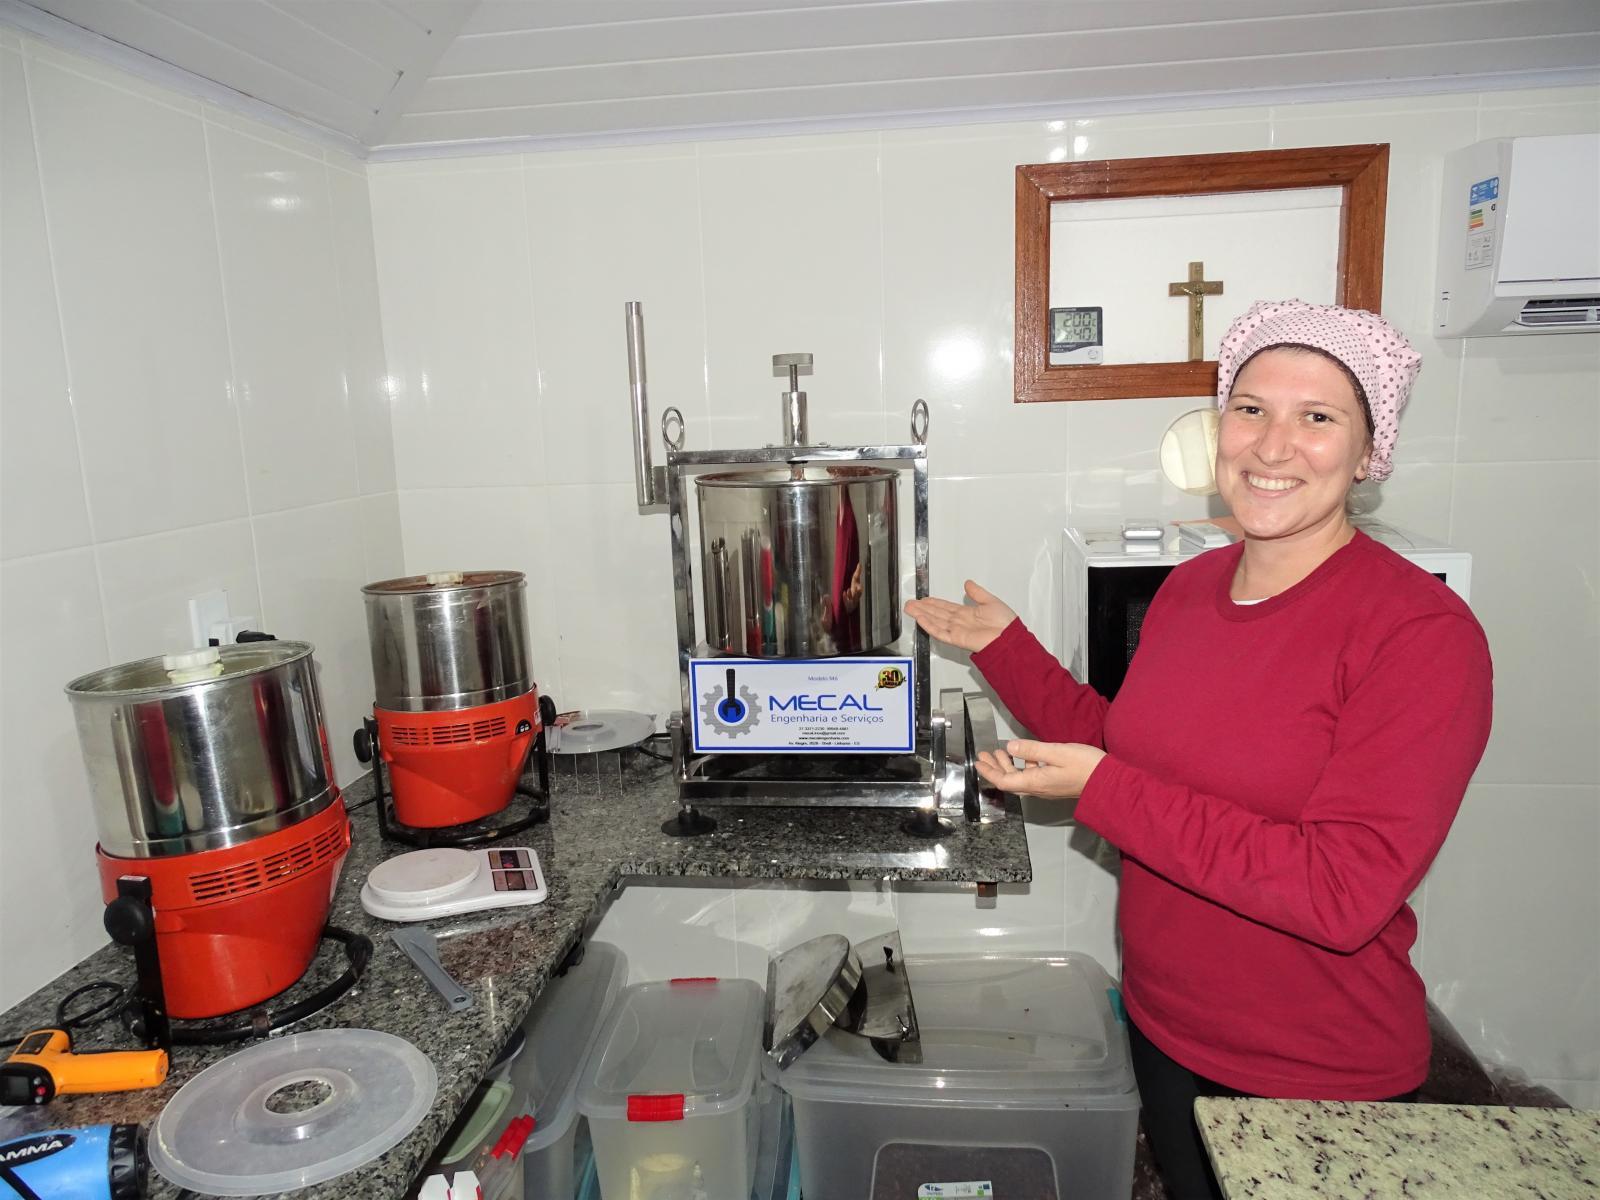 Produção de chocolates artesanais é a nova promessa da agroindústria em Itarana